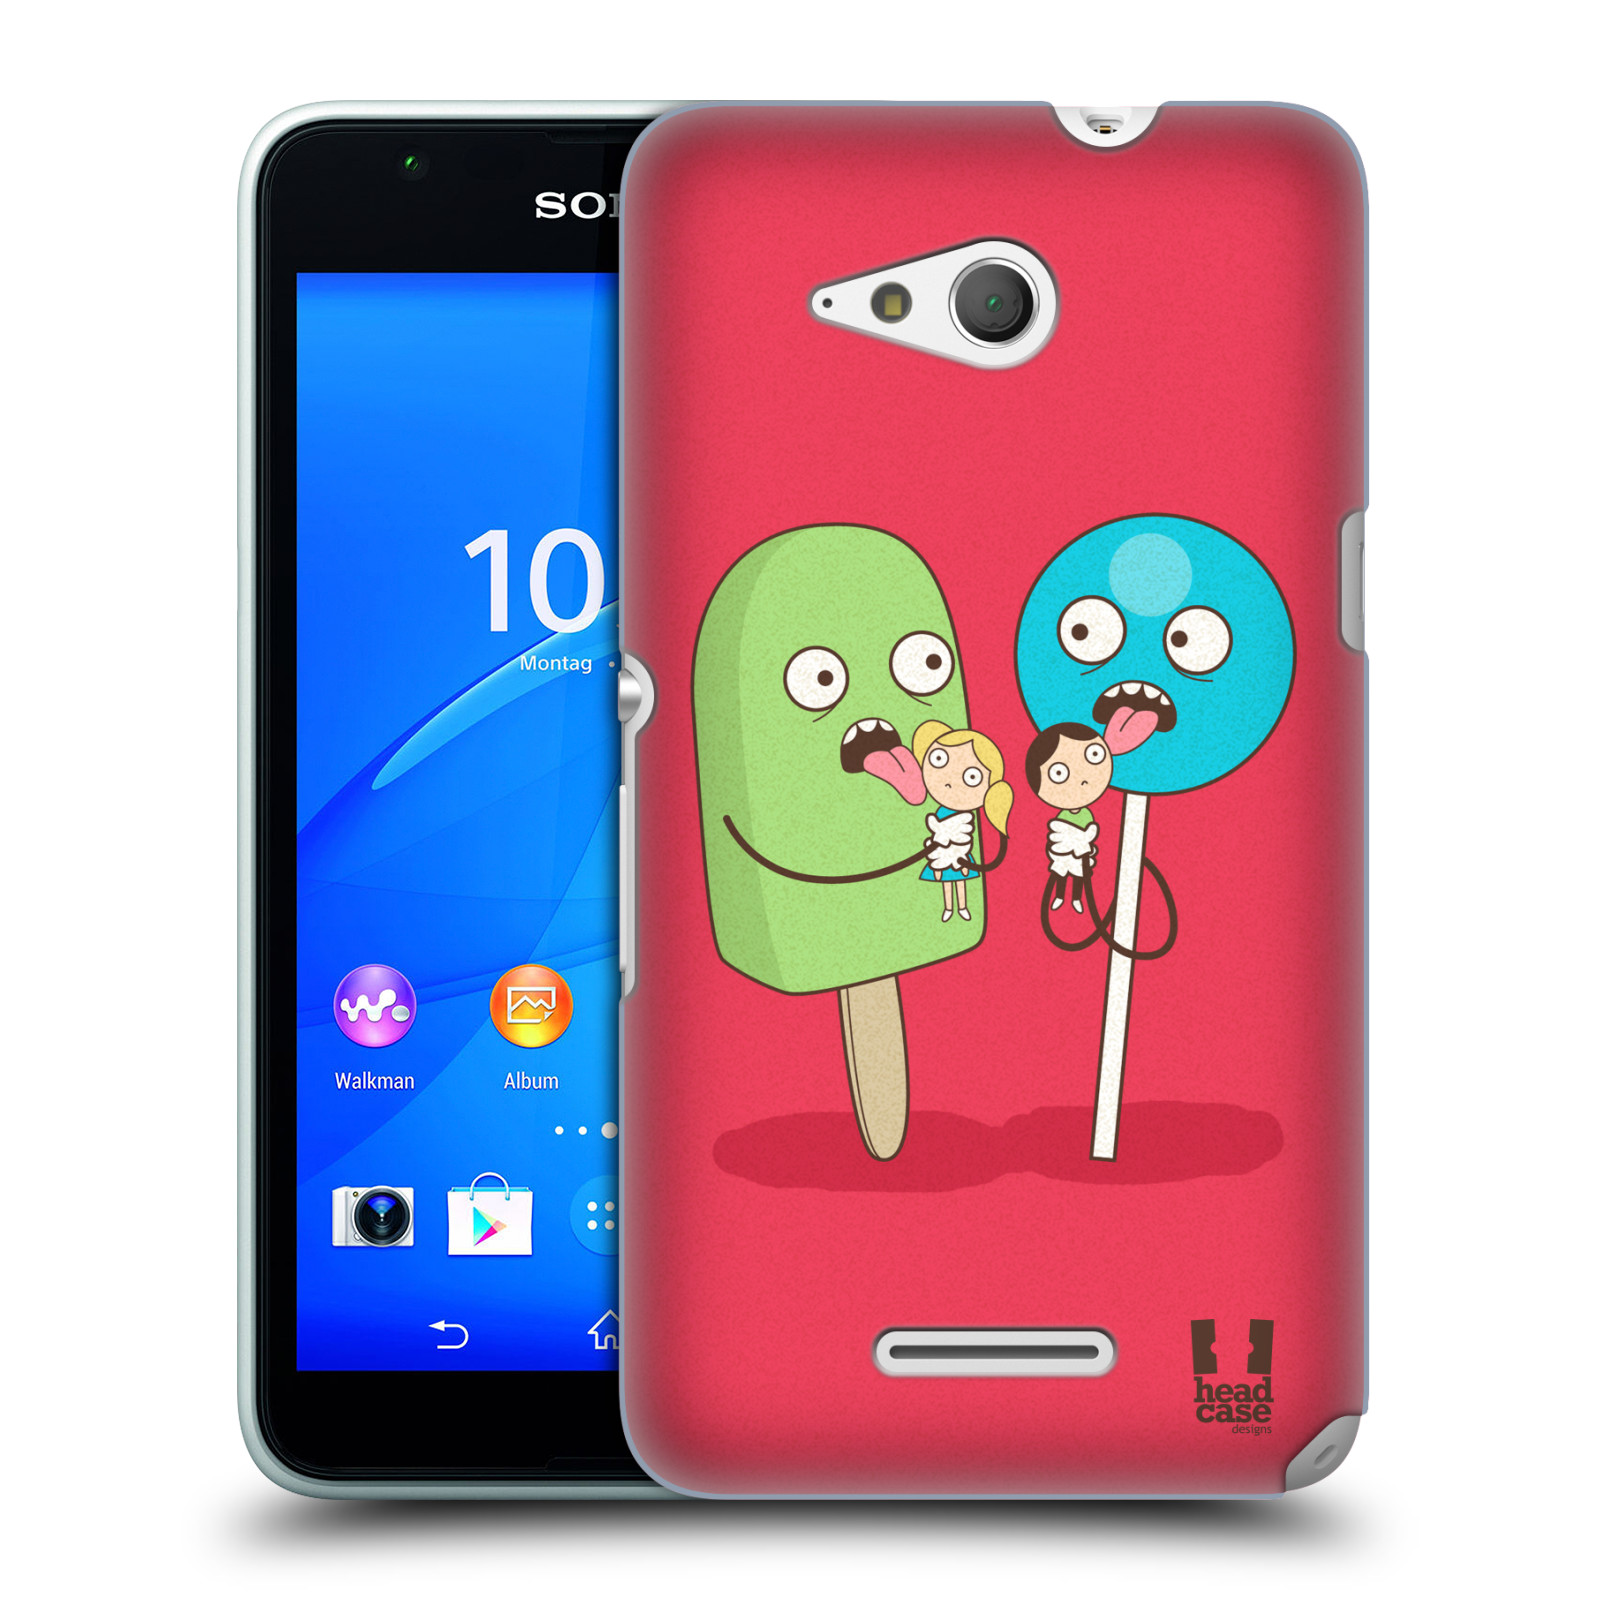 Plastové pouzdro na mobil Sony Xperia E4g E2003 HEAD CASE DEN NARUBY LÍZÁTKA (Kryt či obal na mobilní telefon Sony Xperia E4g a E4g Dual SIM)